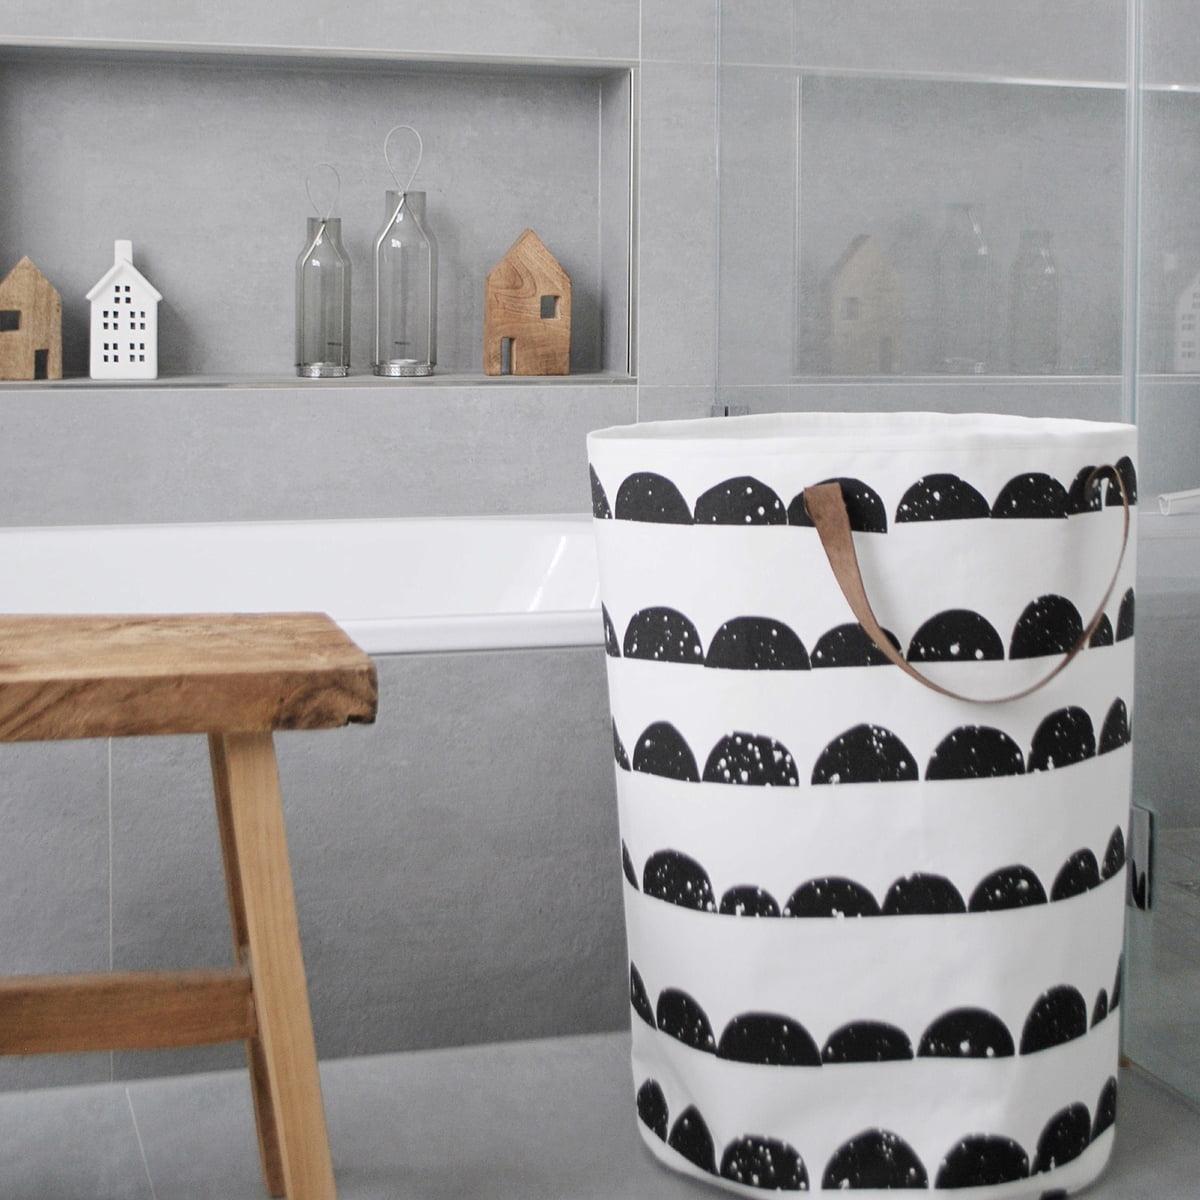 Uberlegen Half Moon Laundry Basket Von Ferm Living